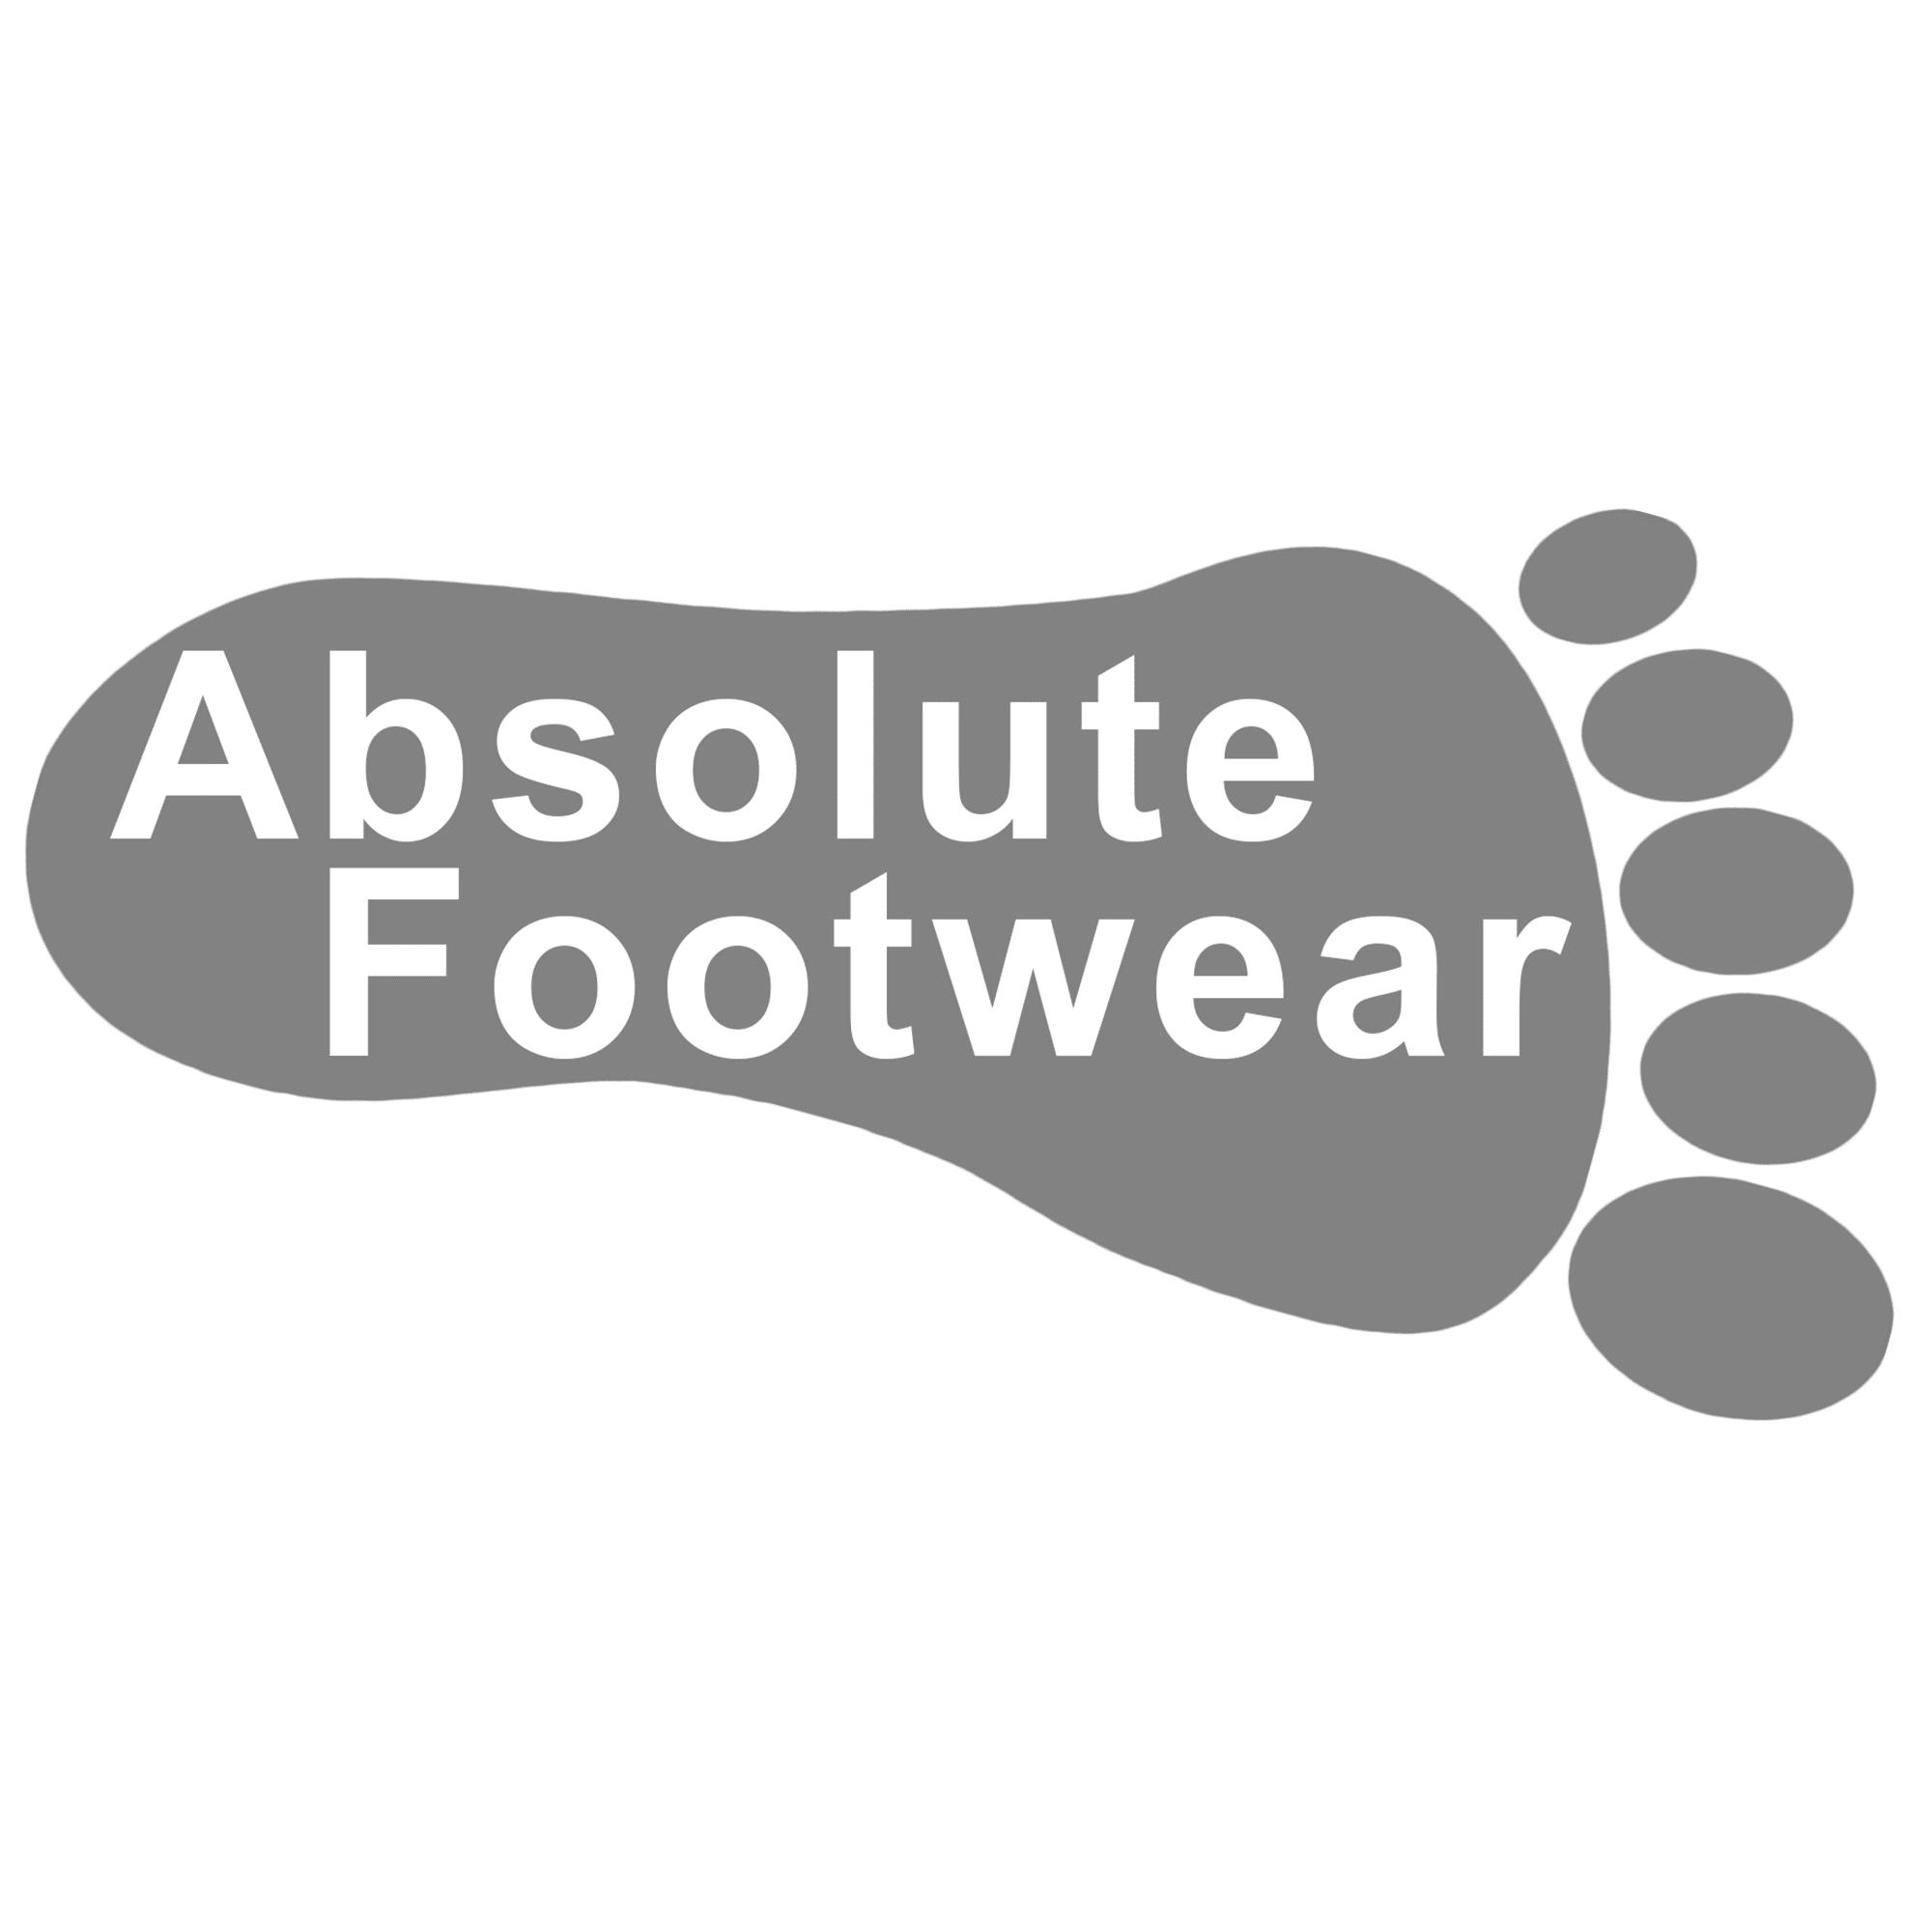 Absolute Footwear